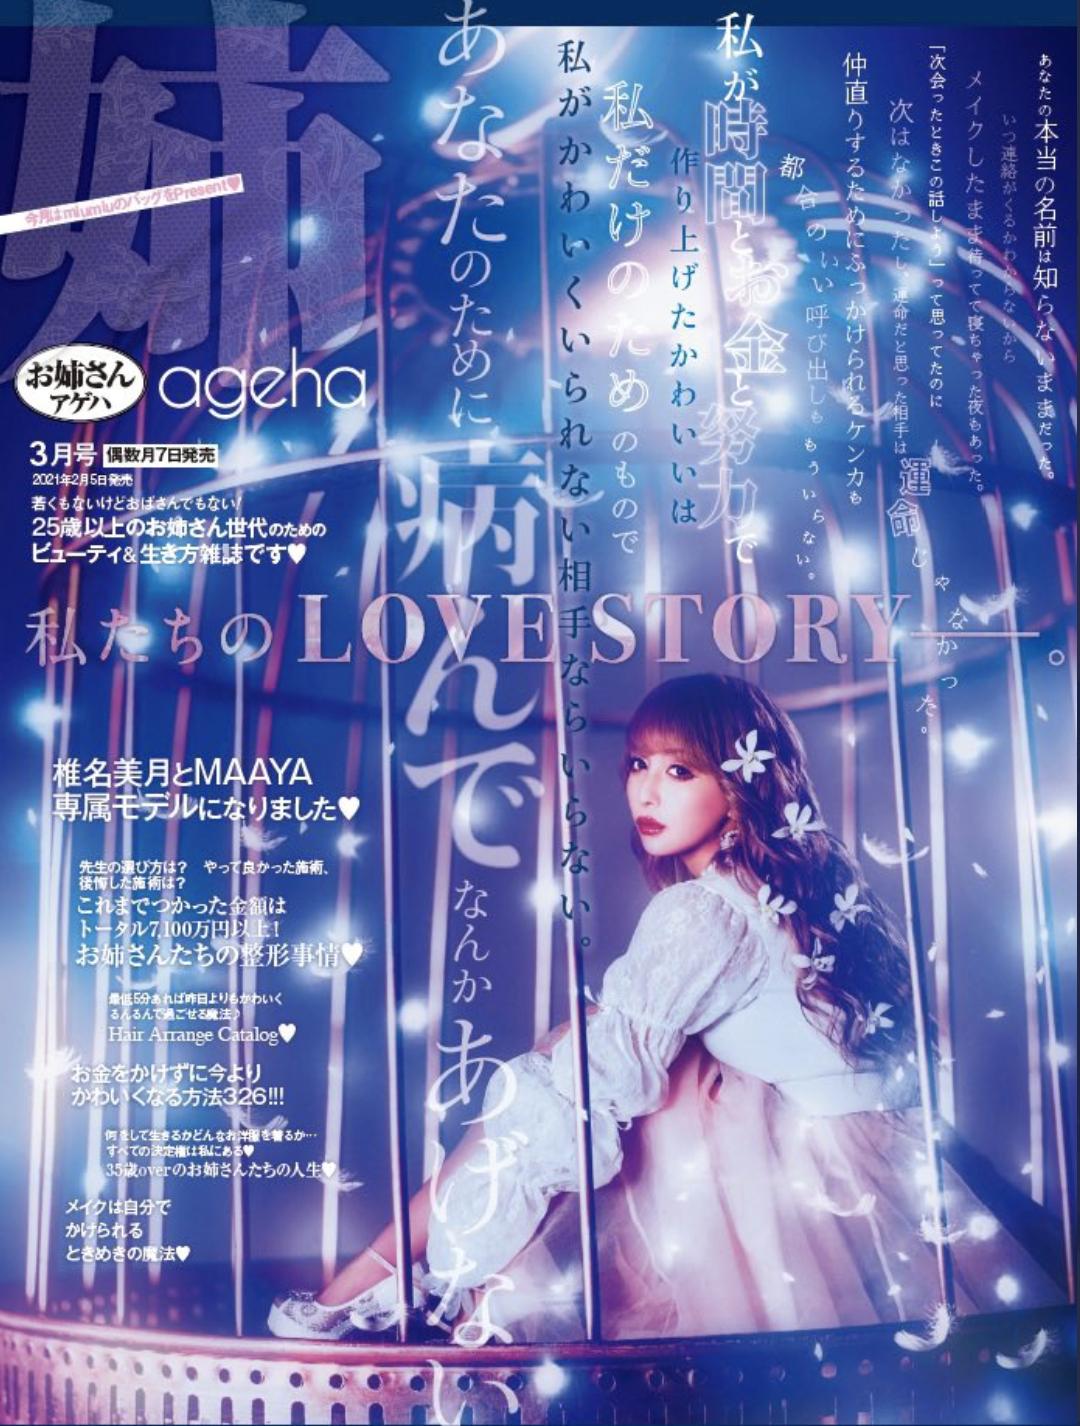 雑誌掲載「姉ageha 3月号」【根本弥生/ねもやよ】